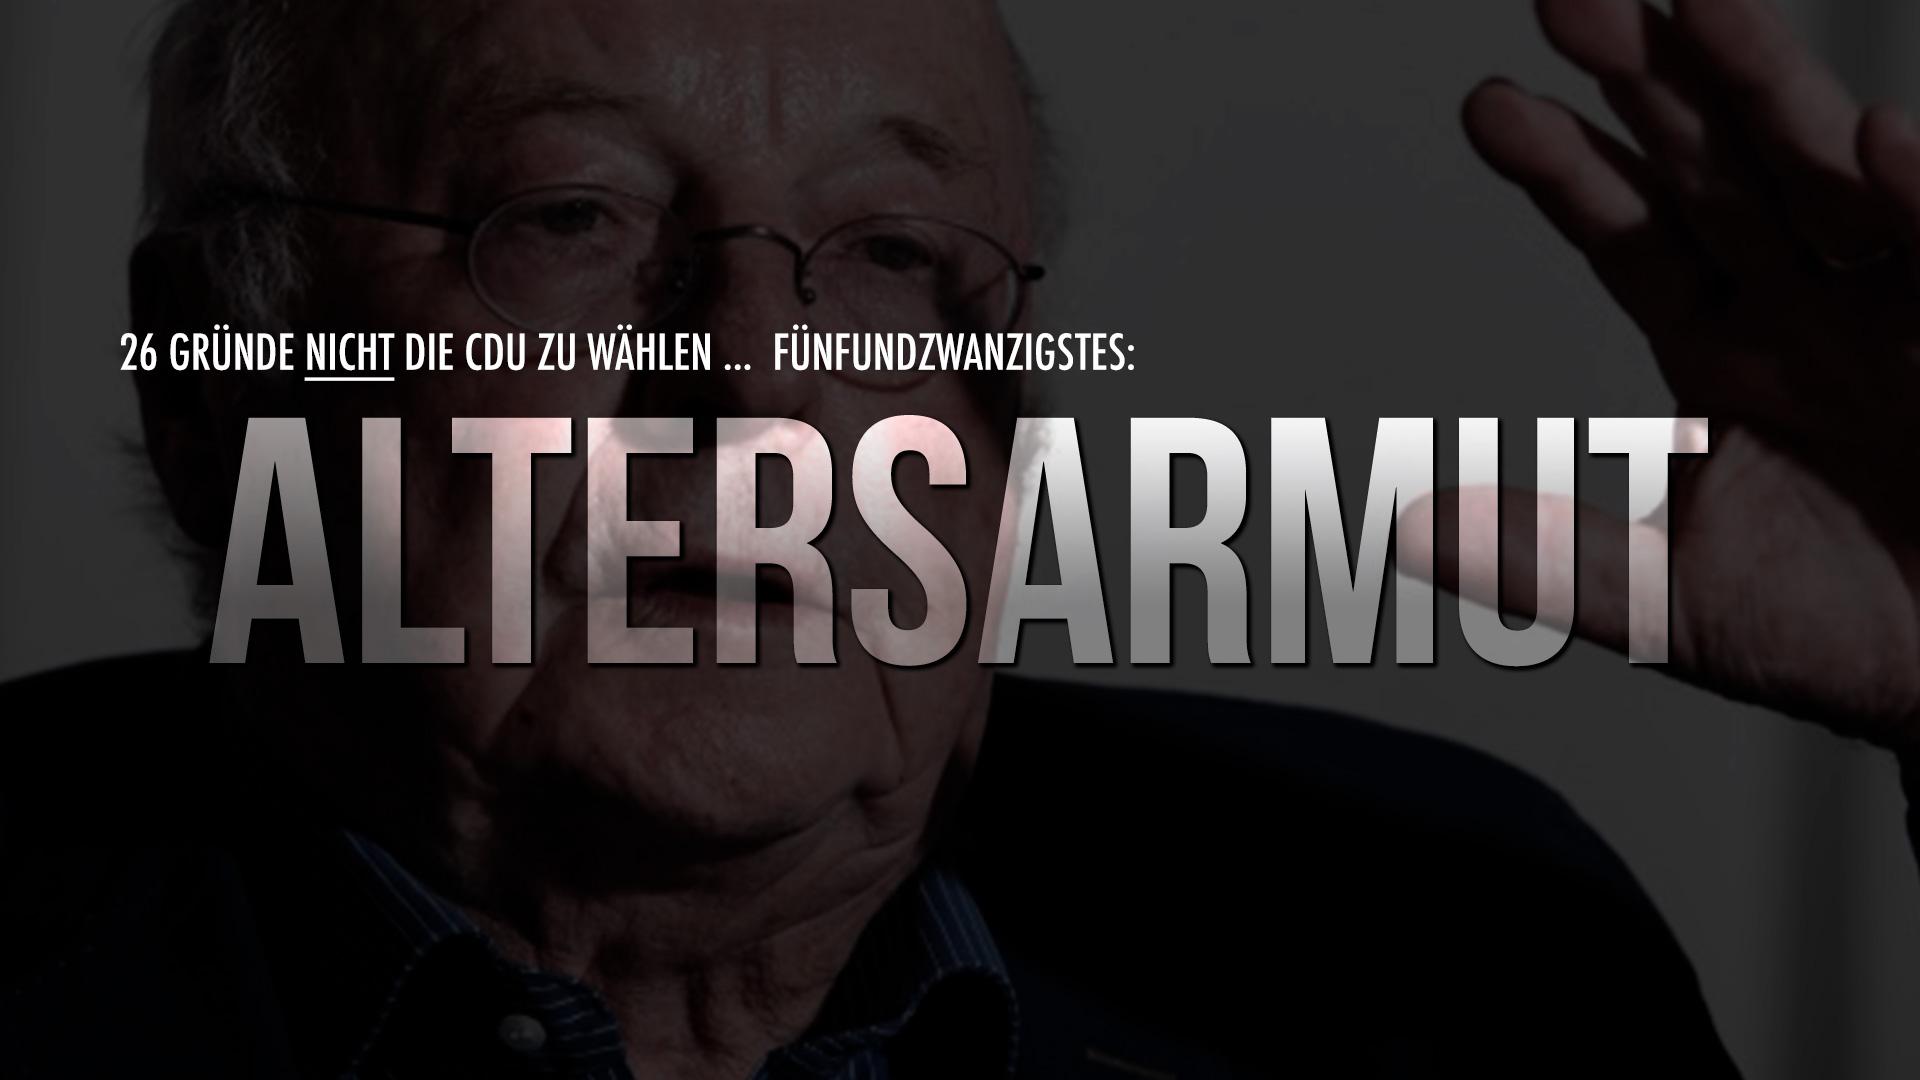 26 Gründe nicht die CDU zu wählen … Fünfundzwanzigstes: Altersarmut